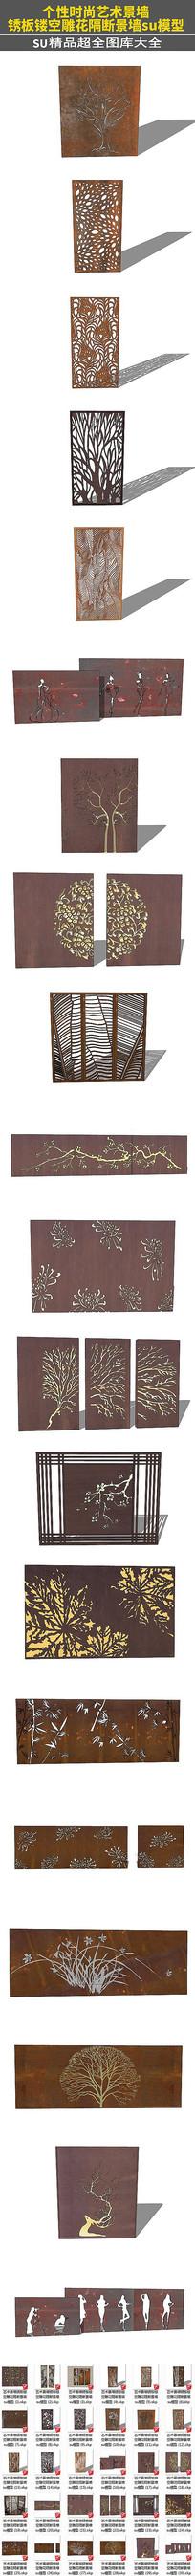 艺术景墙锈板镂空雕花隔断景墙su模型